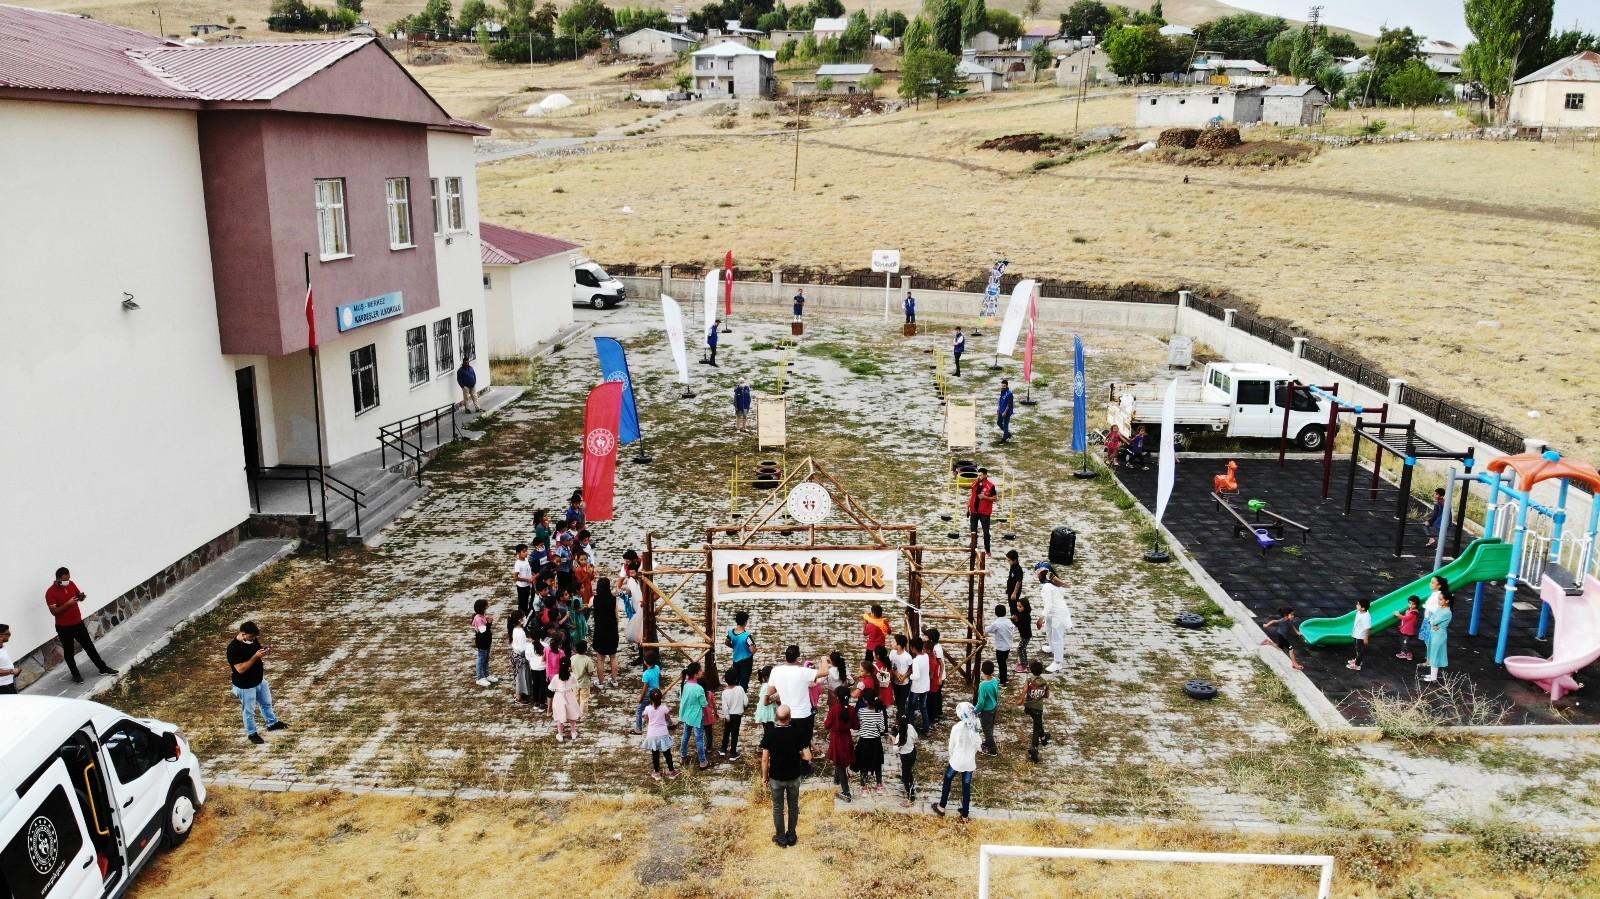 """Muş'ta köy çocuklarının """"Köyvivor"""" heyecanı"""